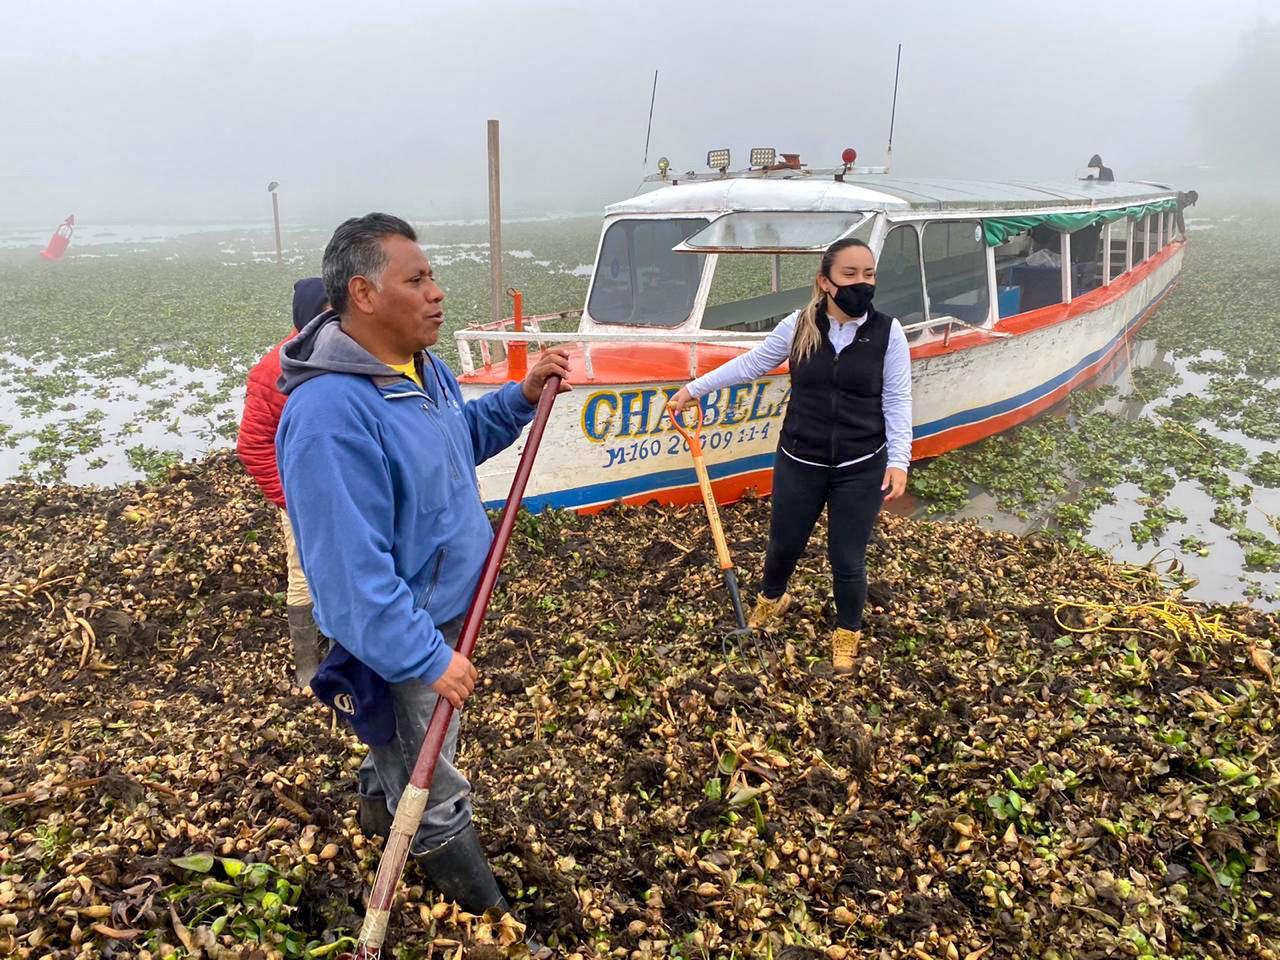 Se suman más ciudadanos para limpiar el lago de Pátzcuaro